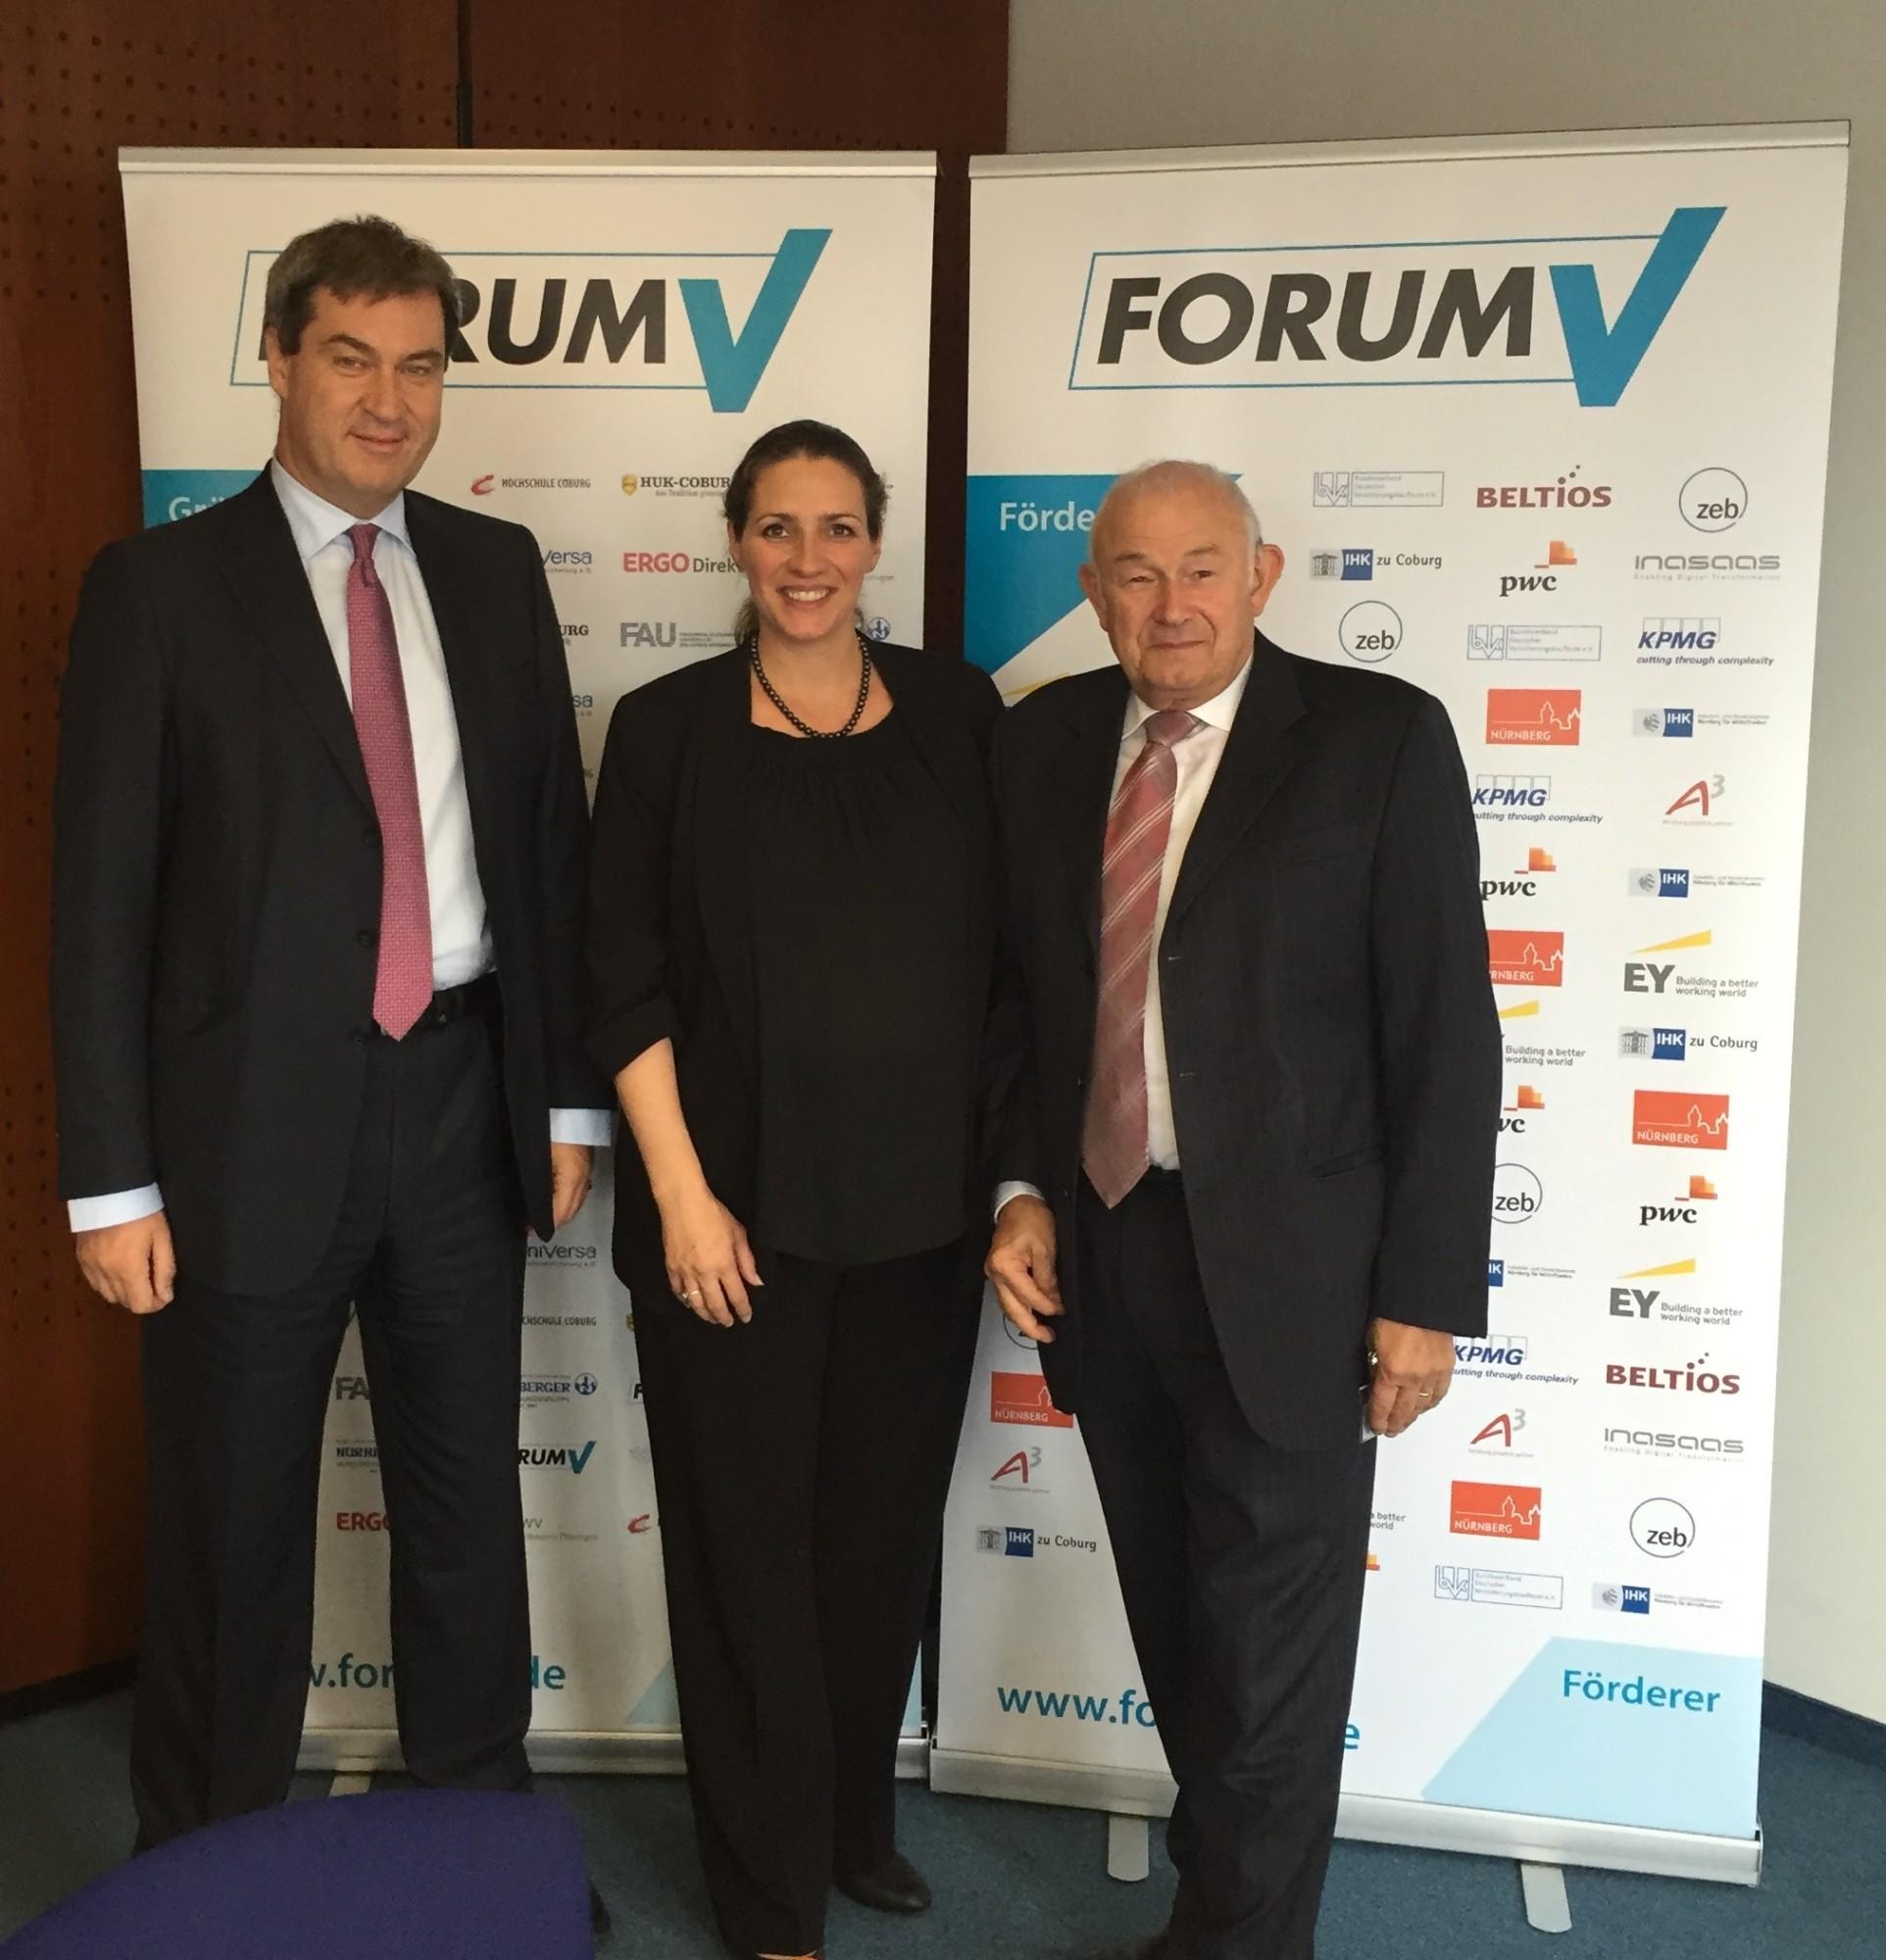 uebergabe-forum-v-vorsitz